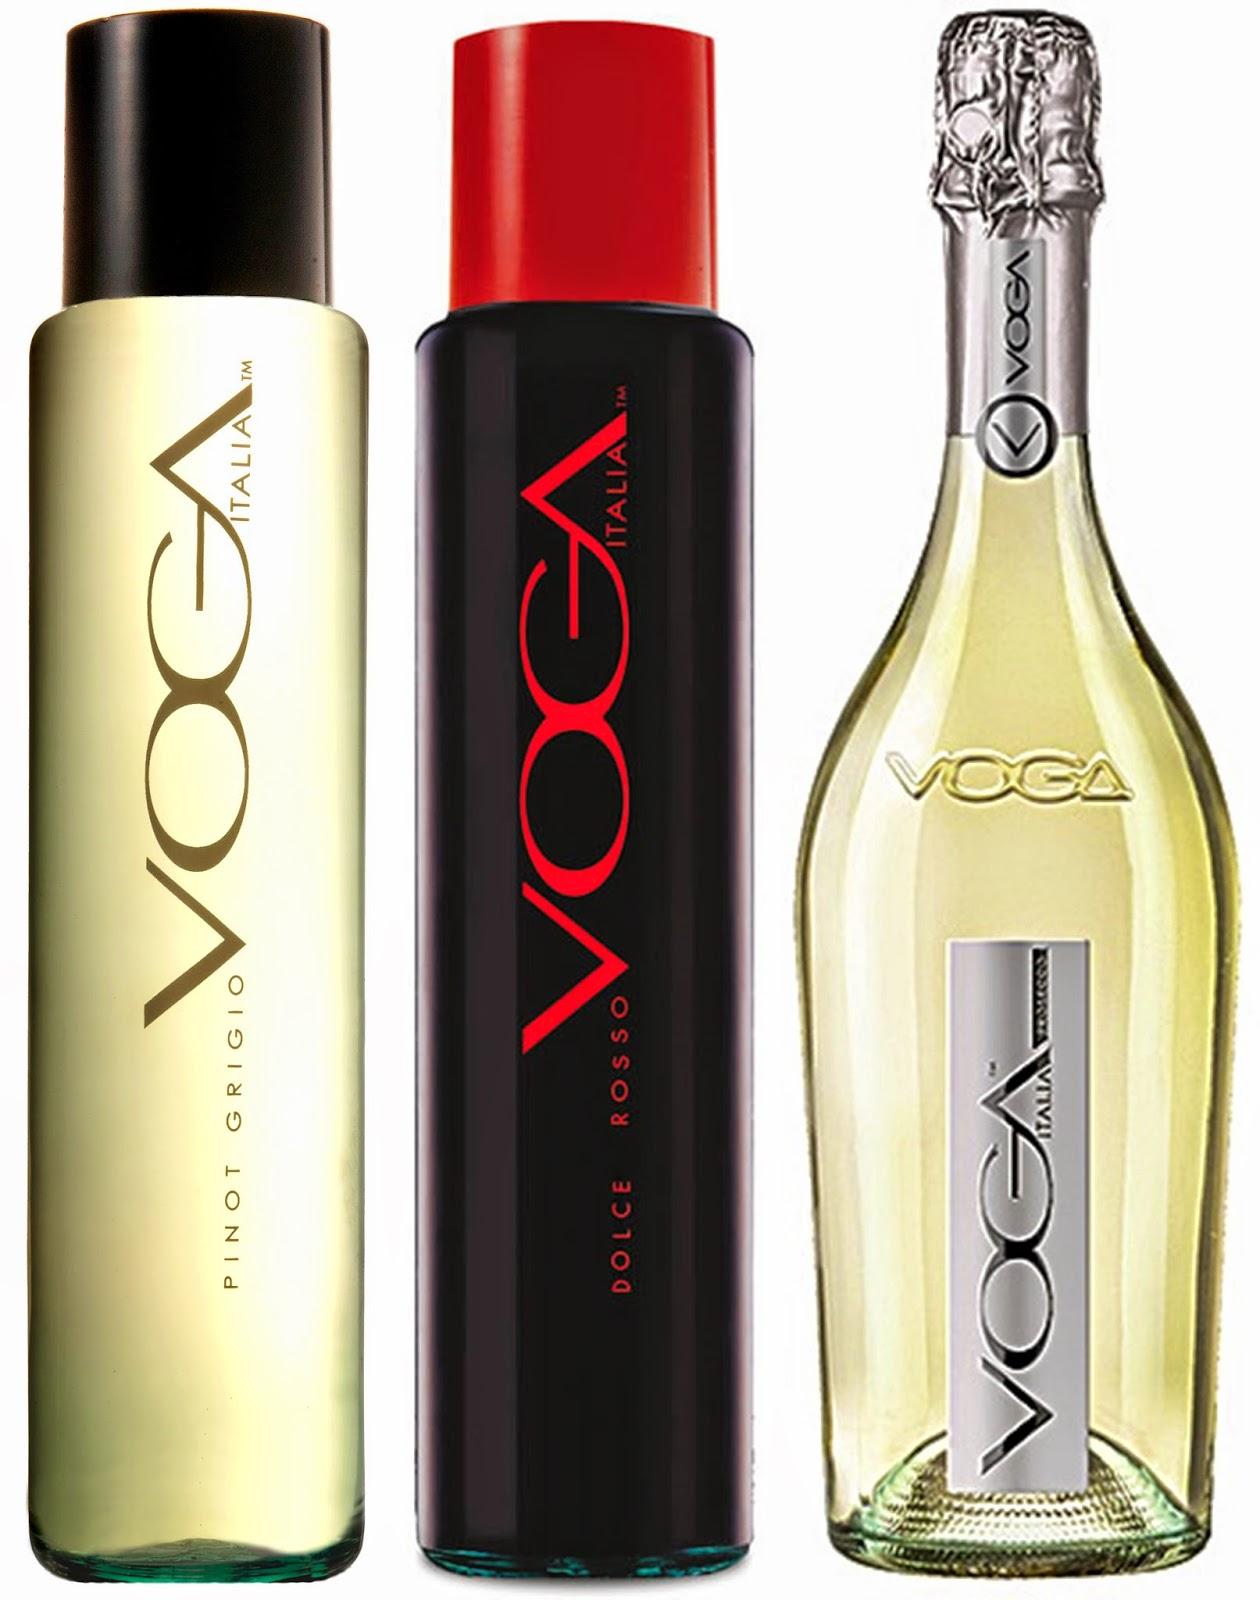 VOGA Wines